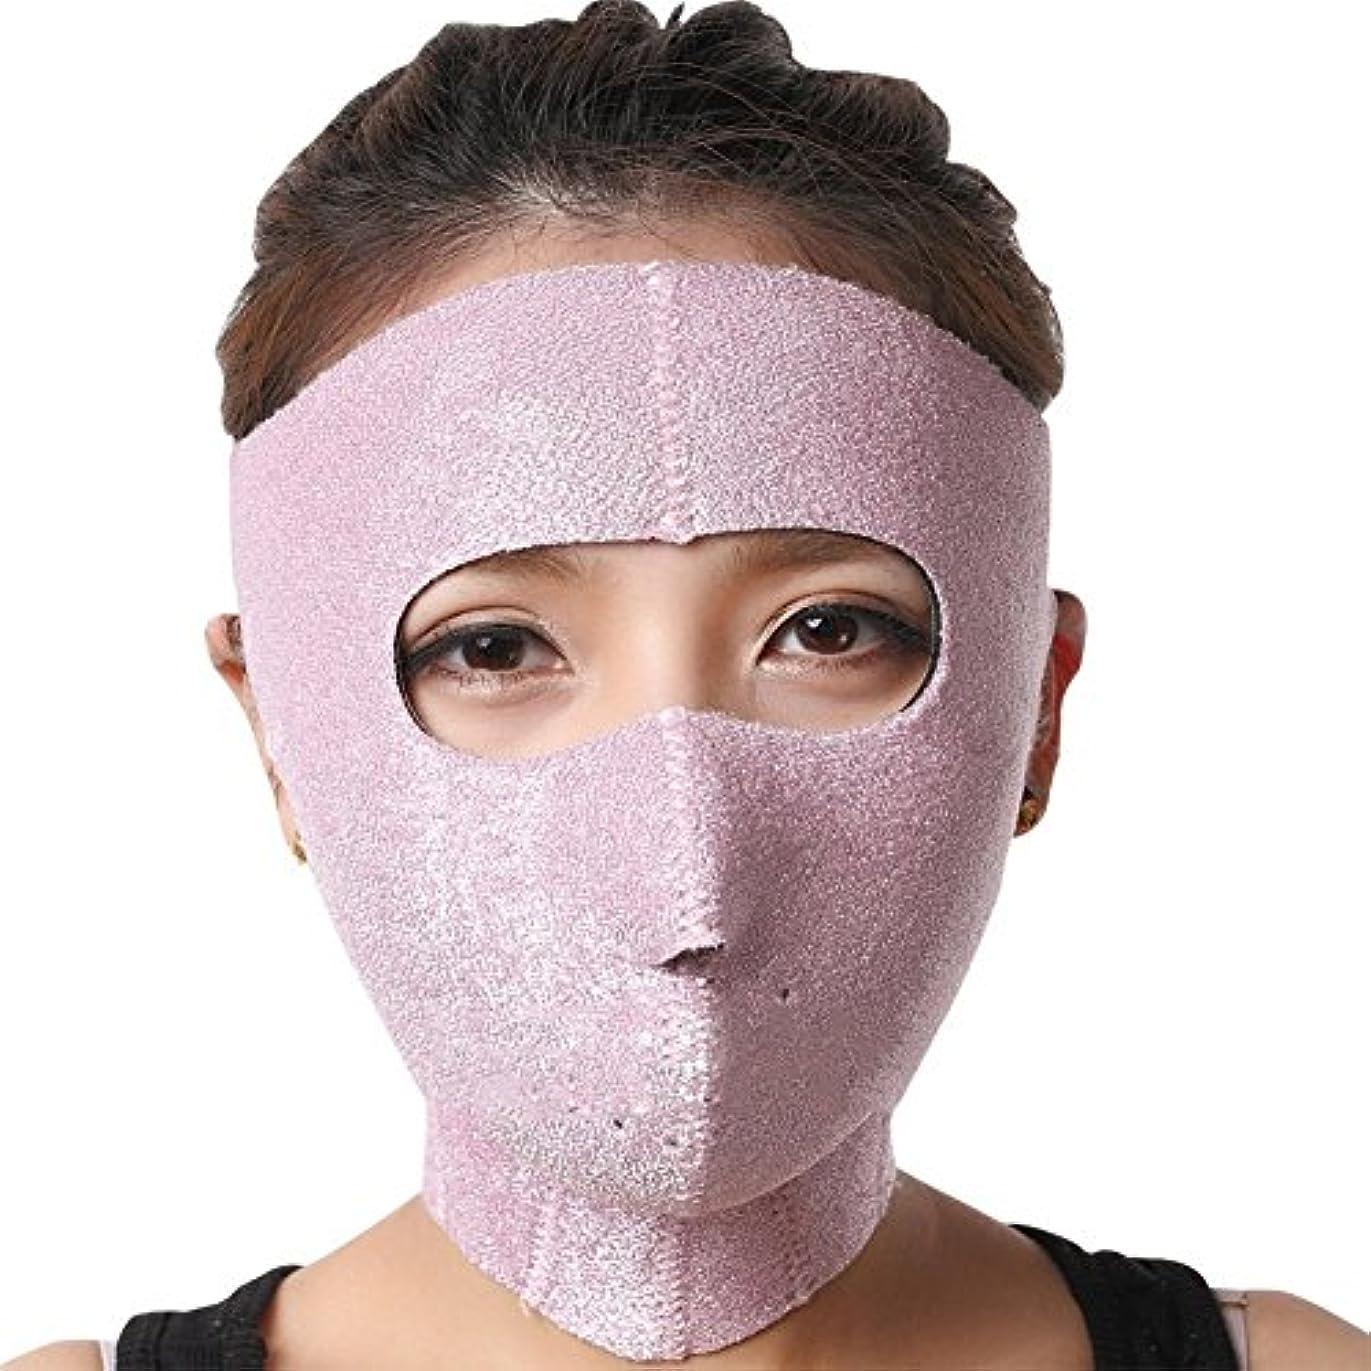 階層価値のないタンパク質汗だくマスク 小顔 サウナ マスク 汗 発汗 フェイス 顔 TEC-KONARUD